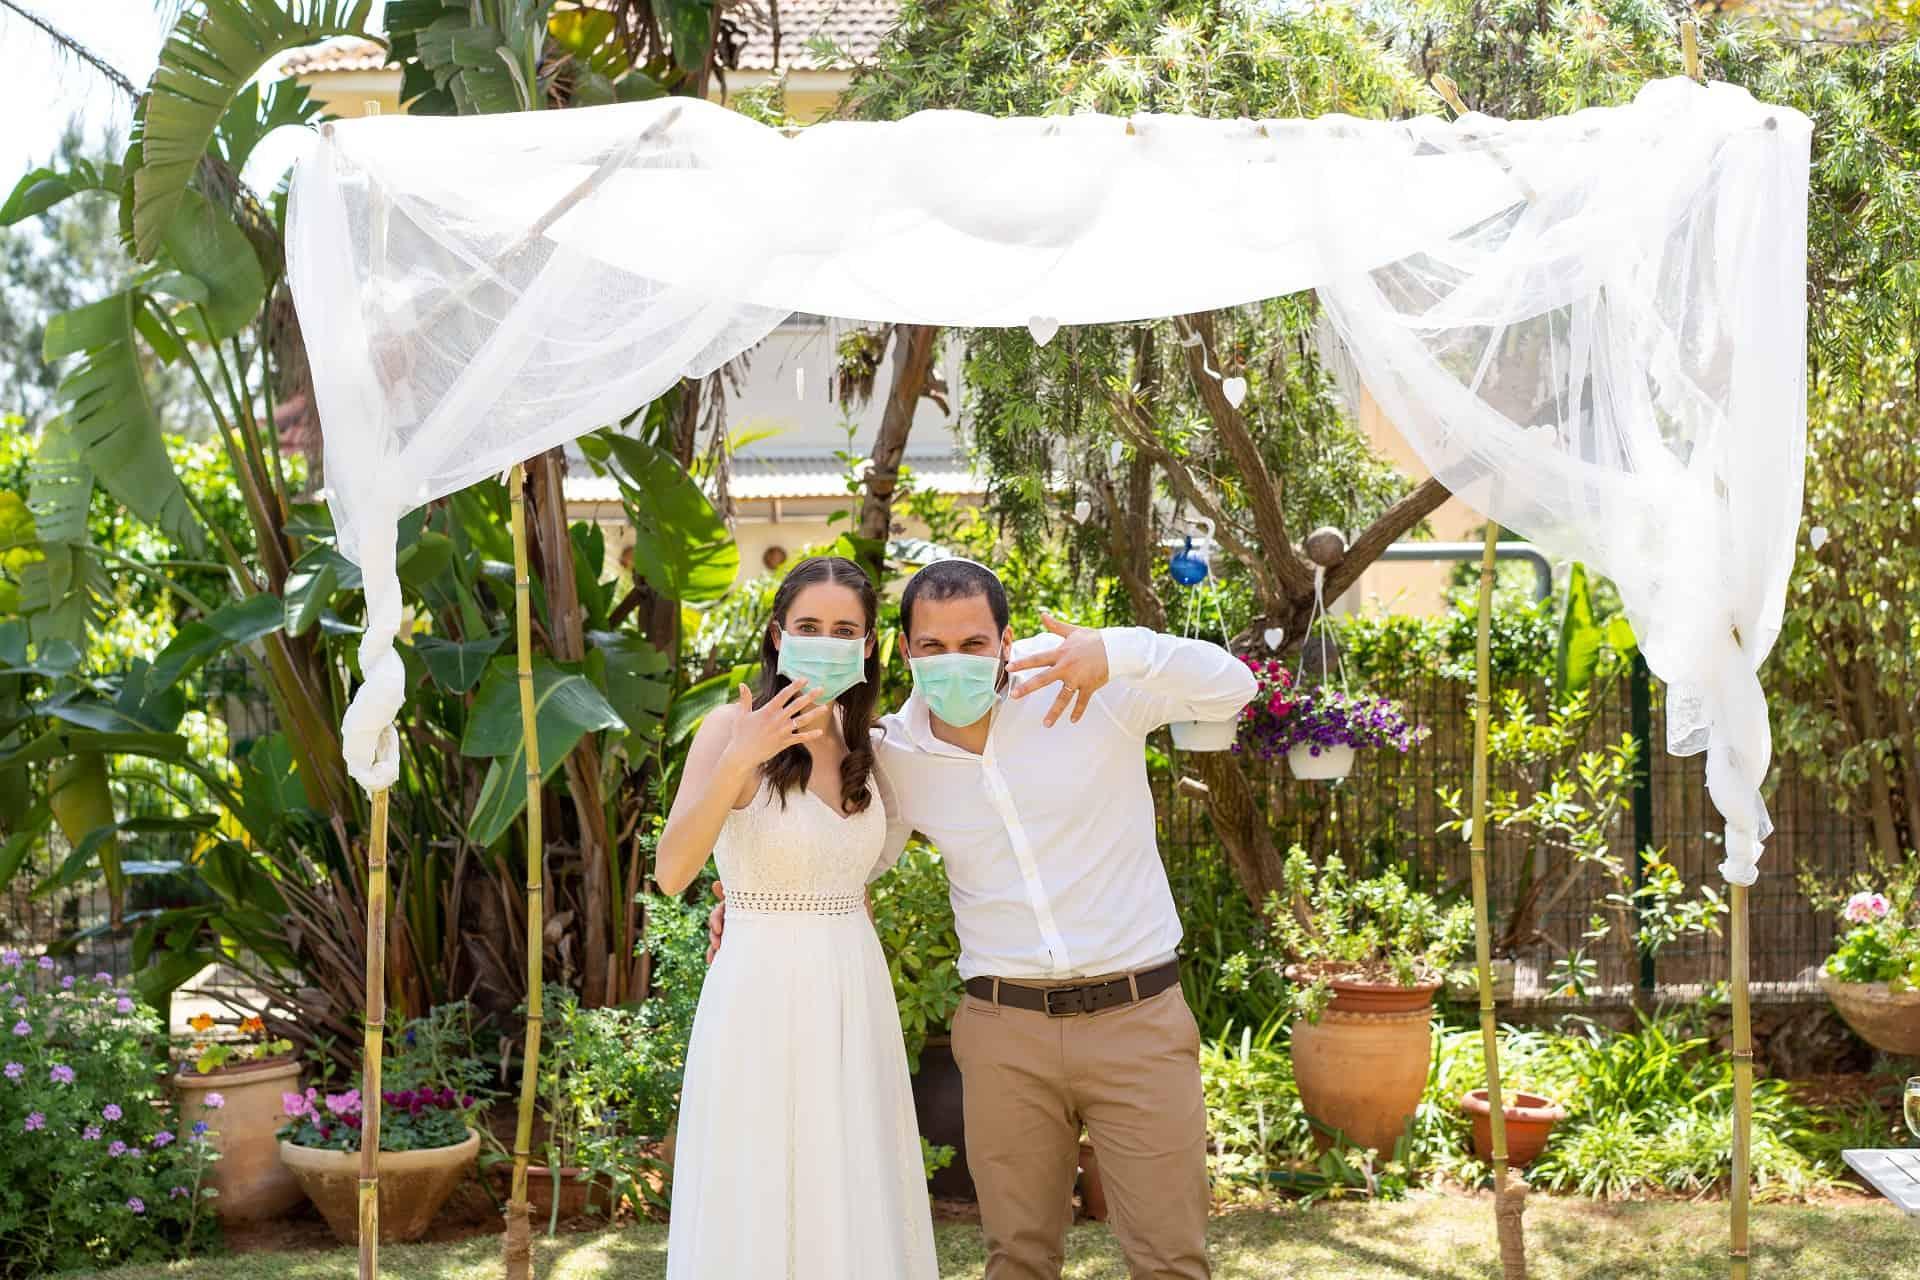 חתן וכלה בתקופת הקורונה בחתונה